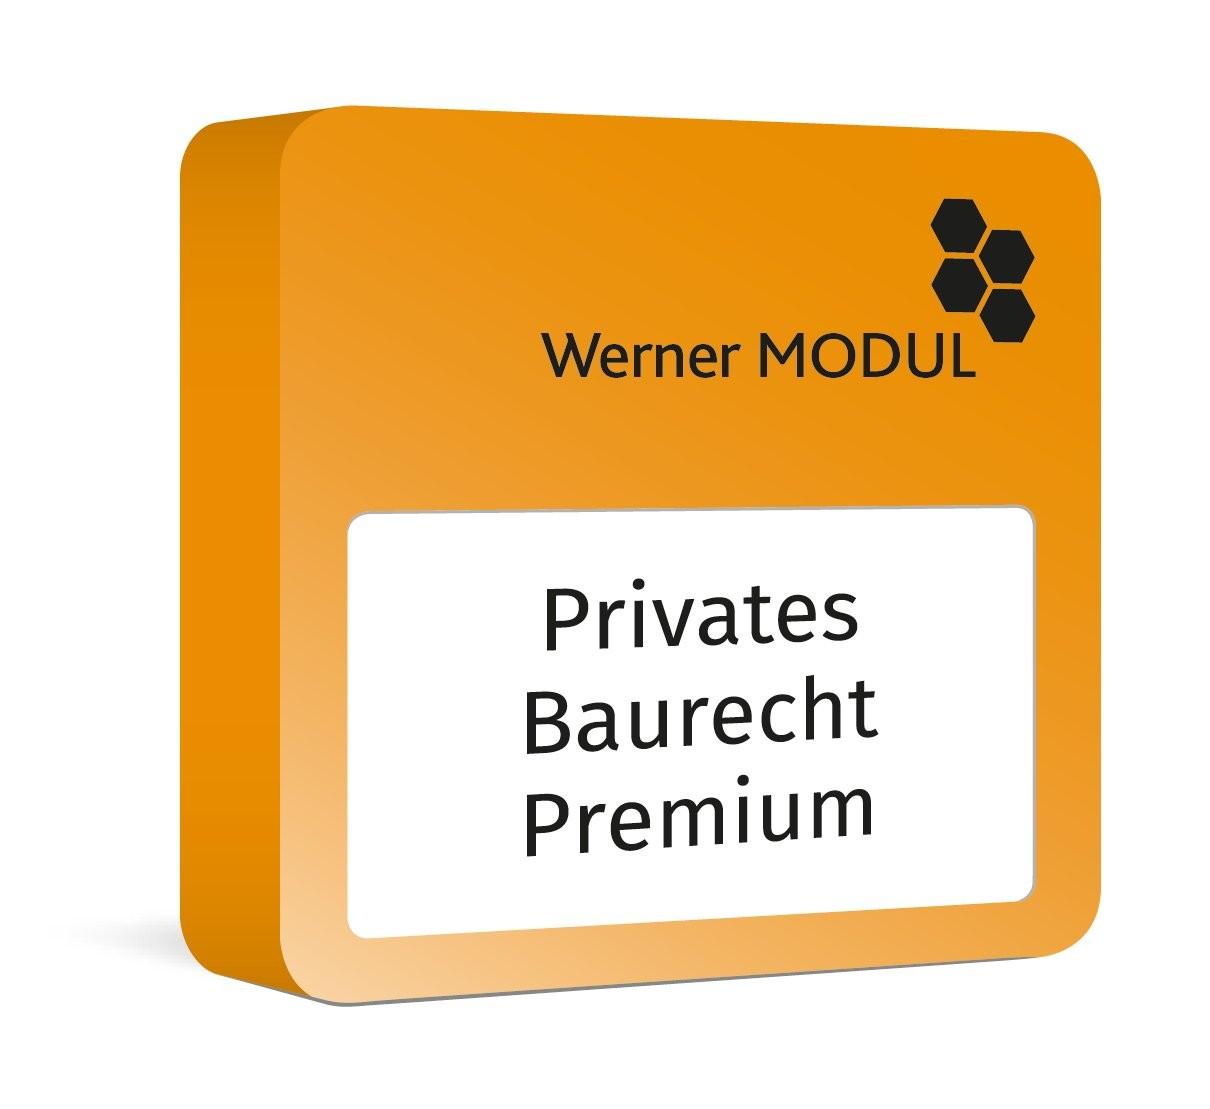 Modul Werner Privates Baurecht Premium